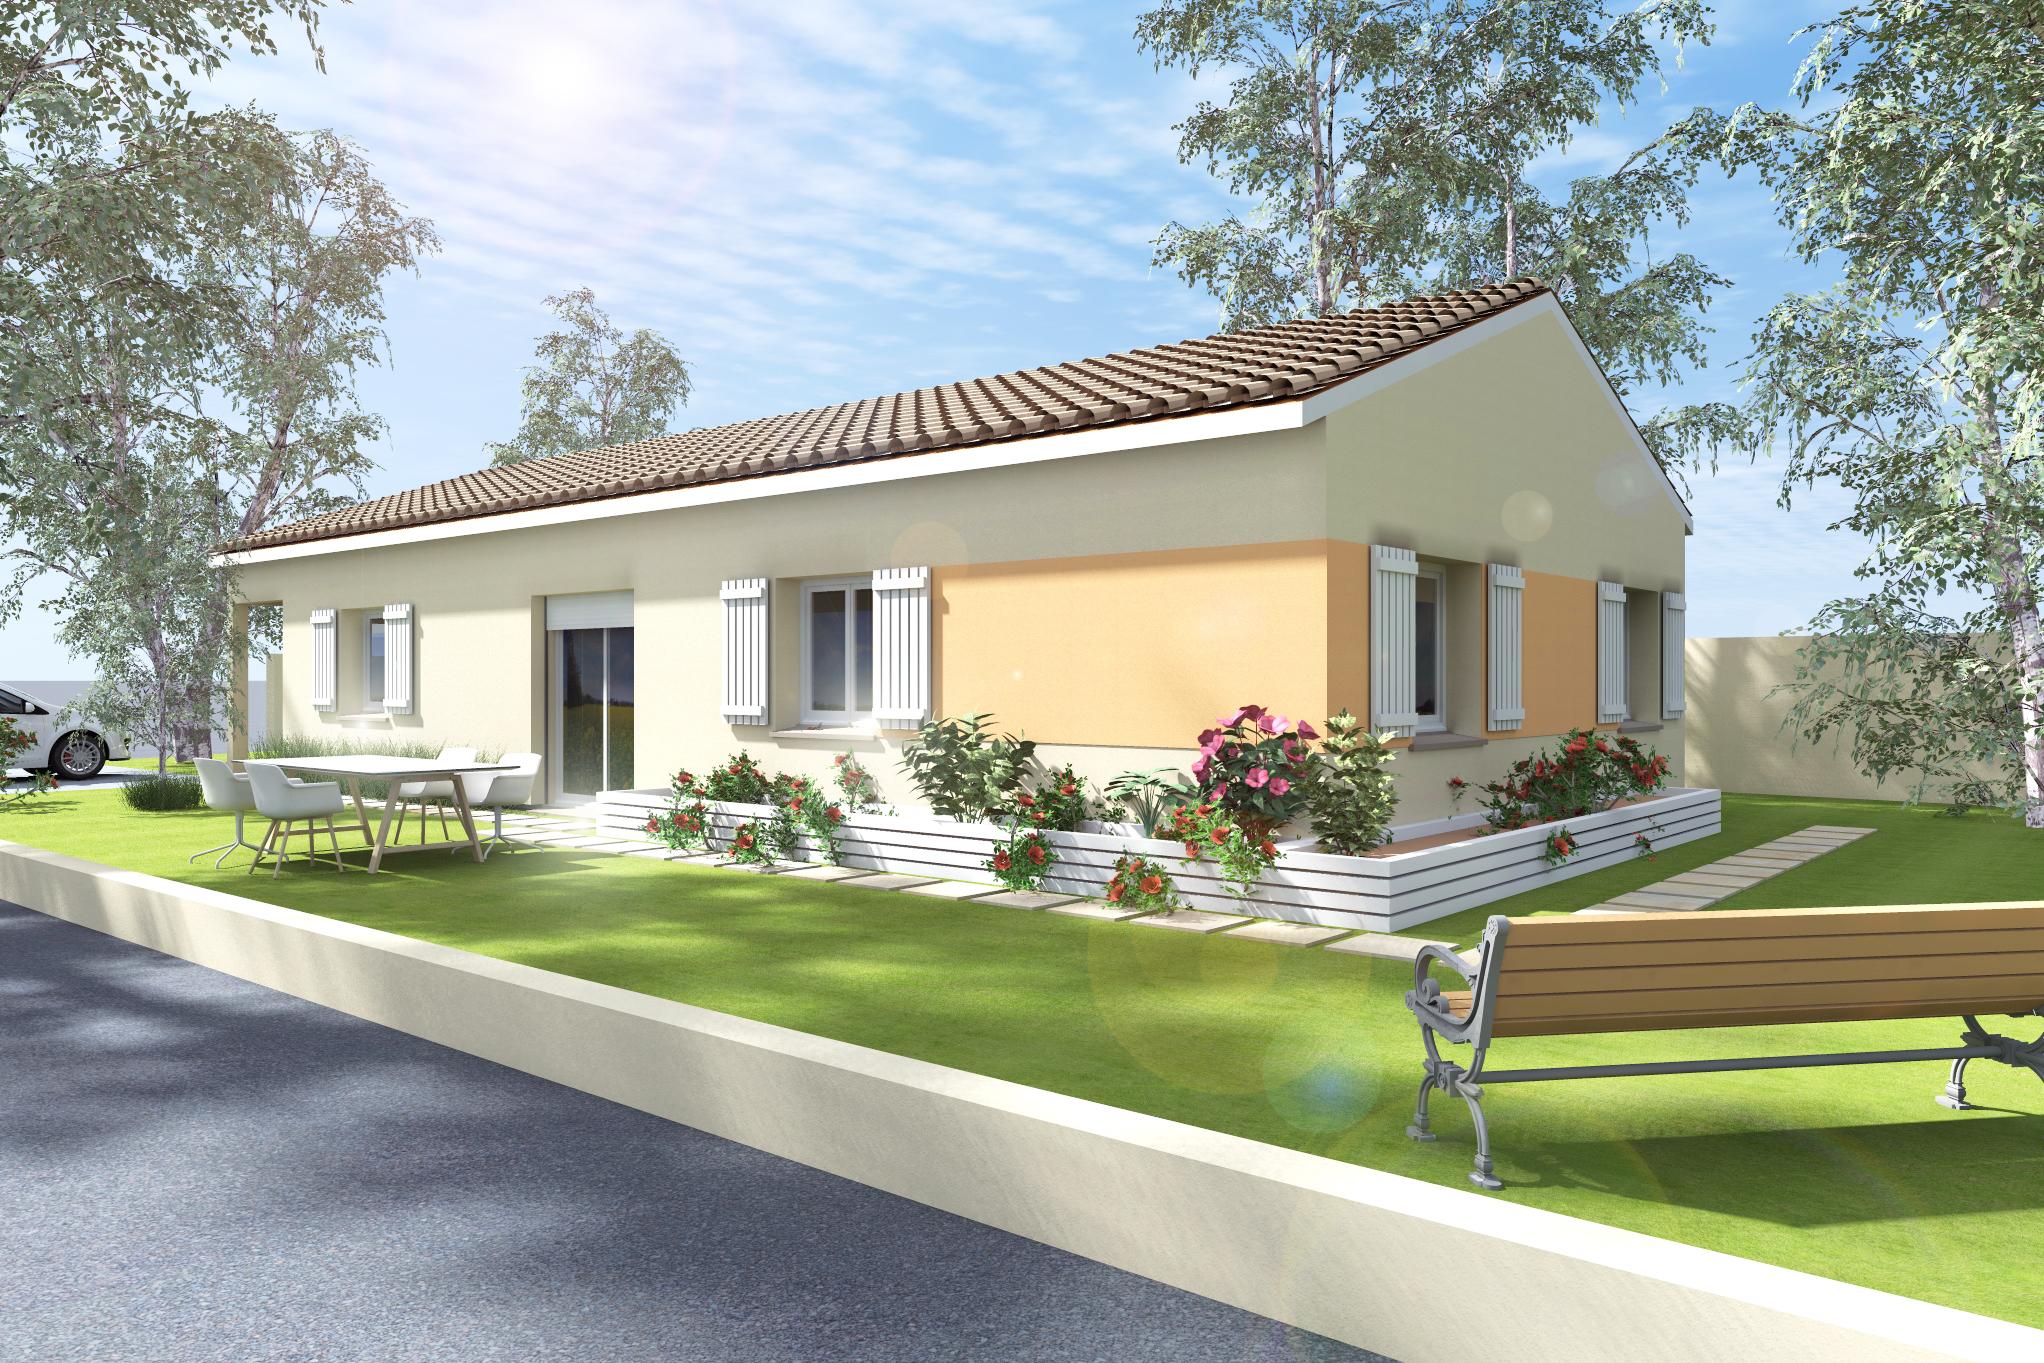 Maisons + Terrains du constructeur MAISON DU DAUPHINE • 85 m² • LAMASTRE